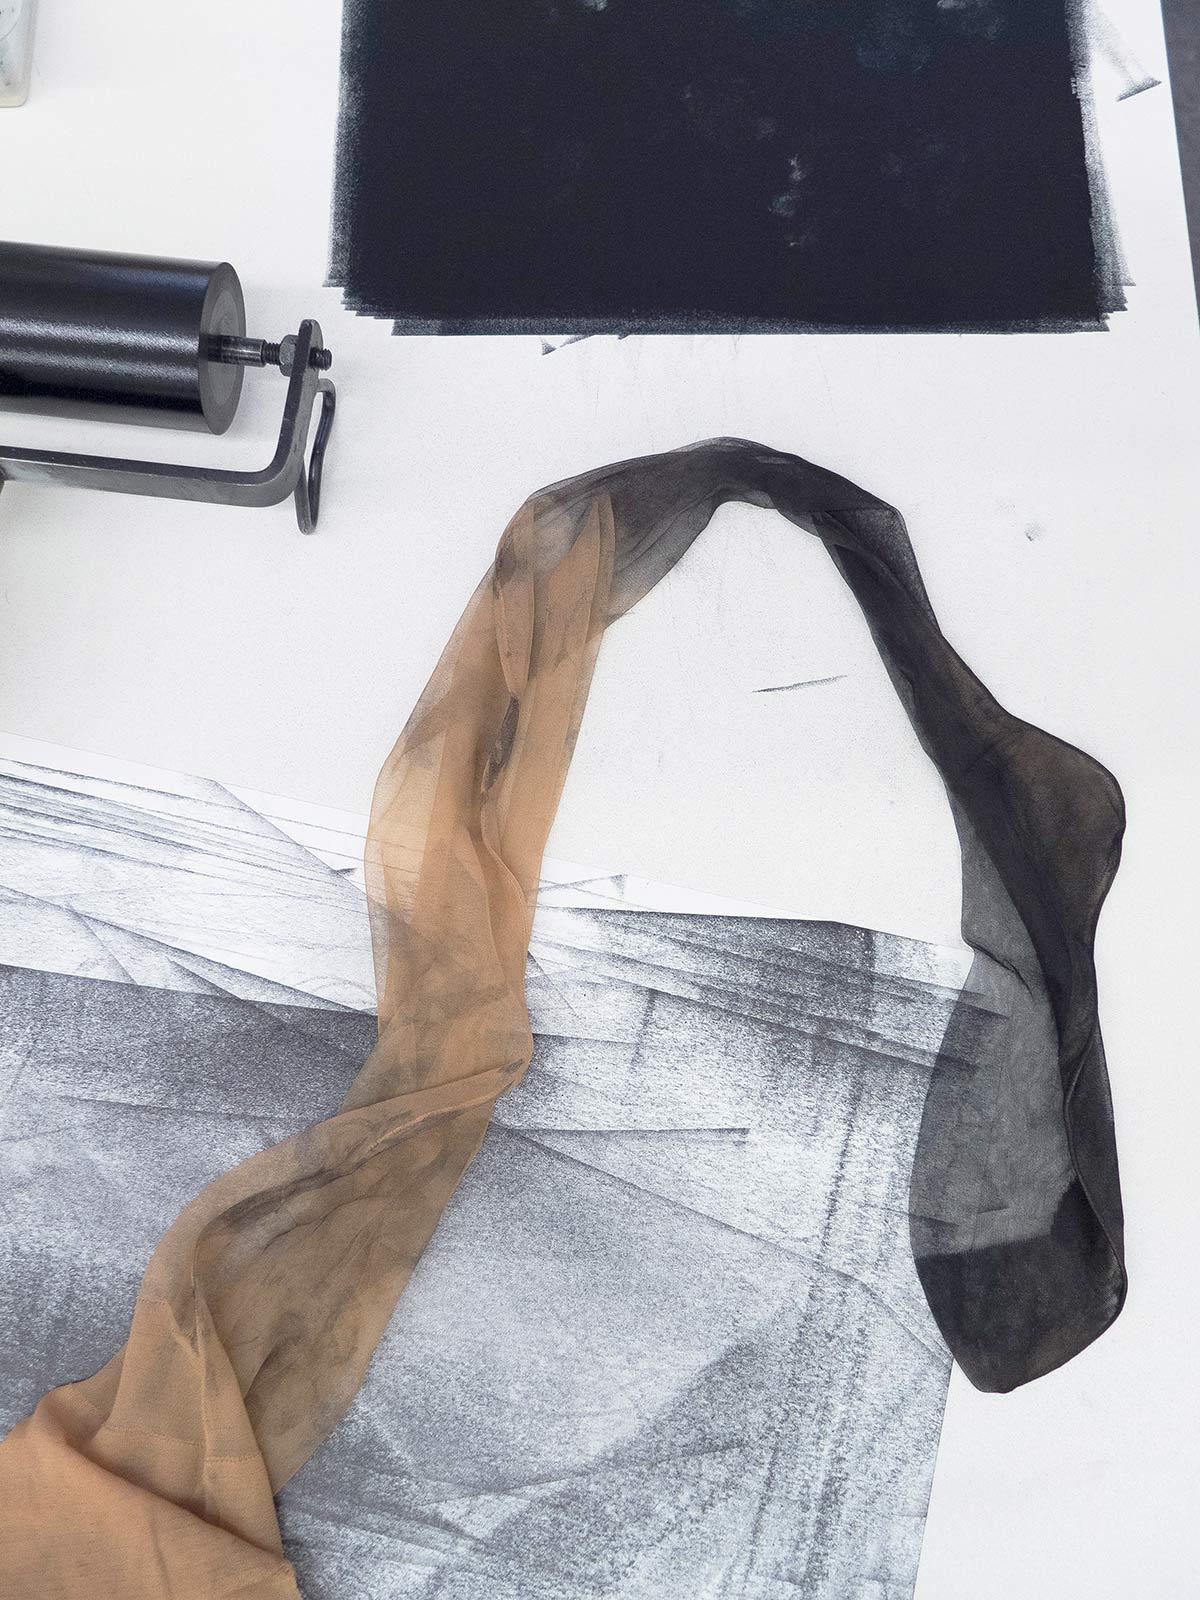 Schwarze Druckfarbe auf einer Arbeitsfläche mit einer Druckwalze und einem eingefärbten Strumpf